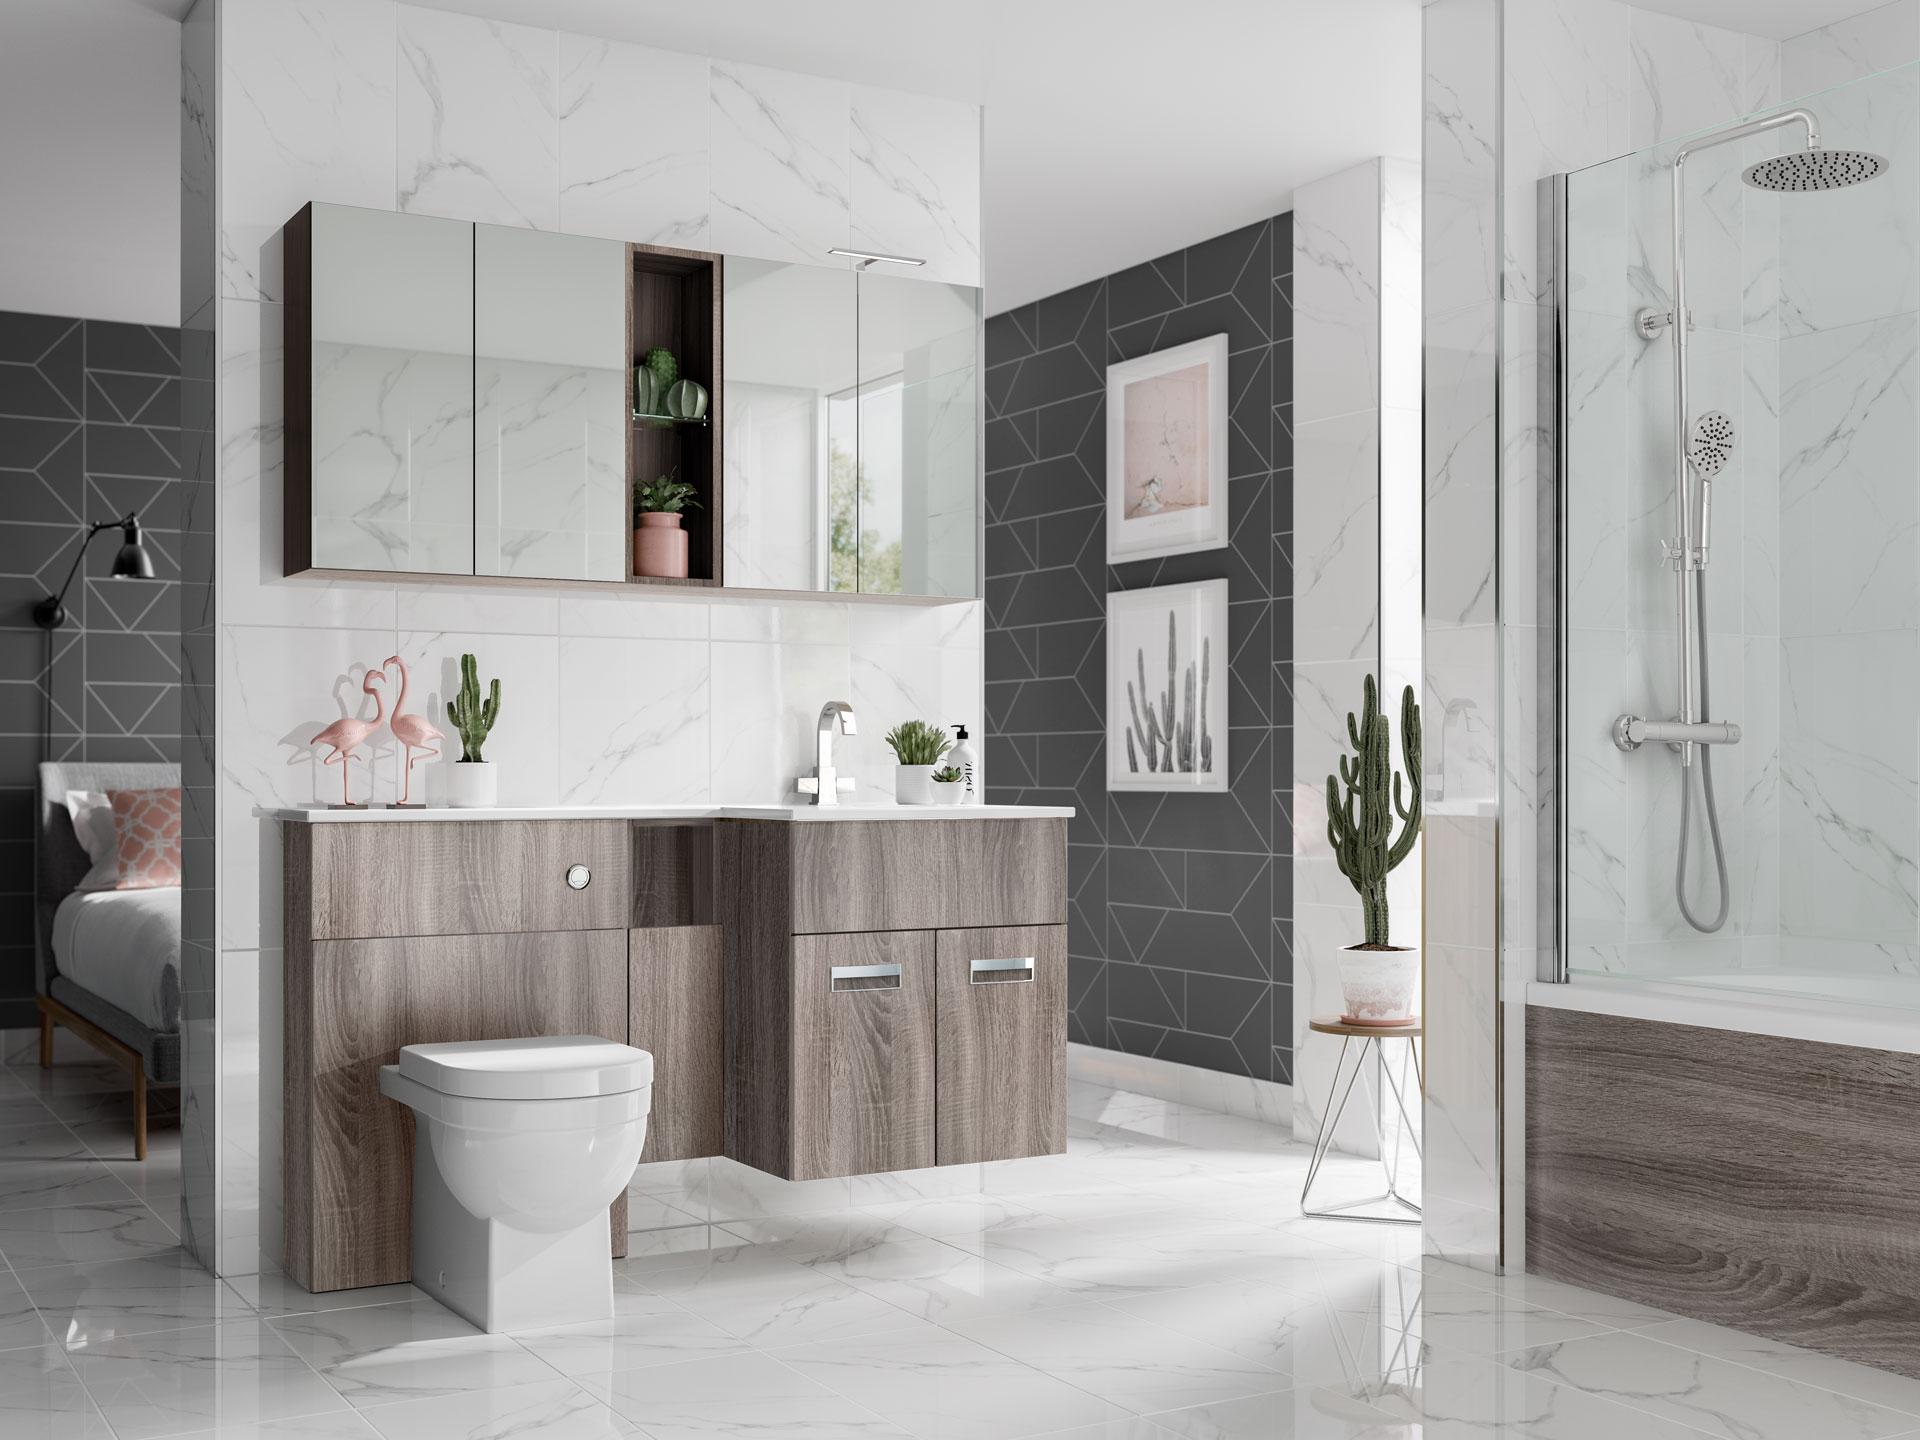 Original Fitted Utopia Bathrooms